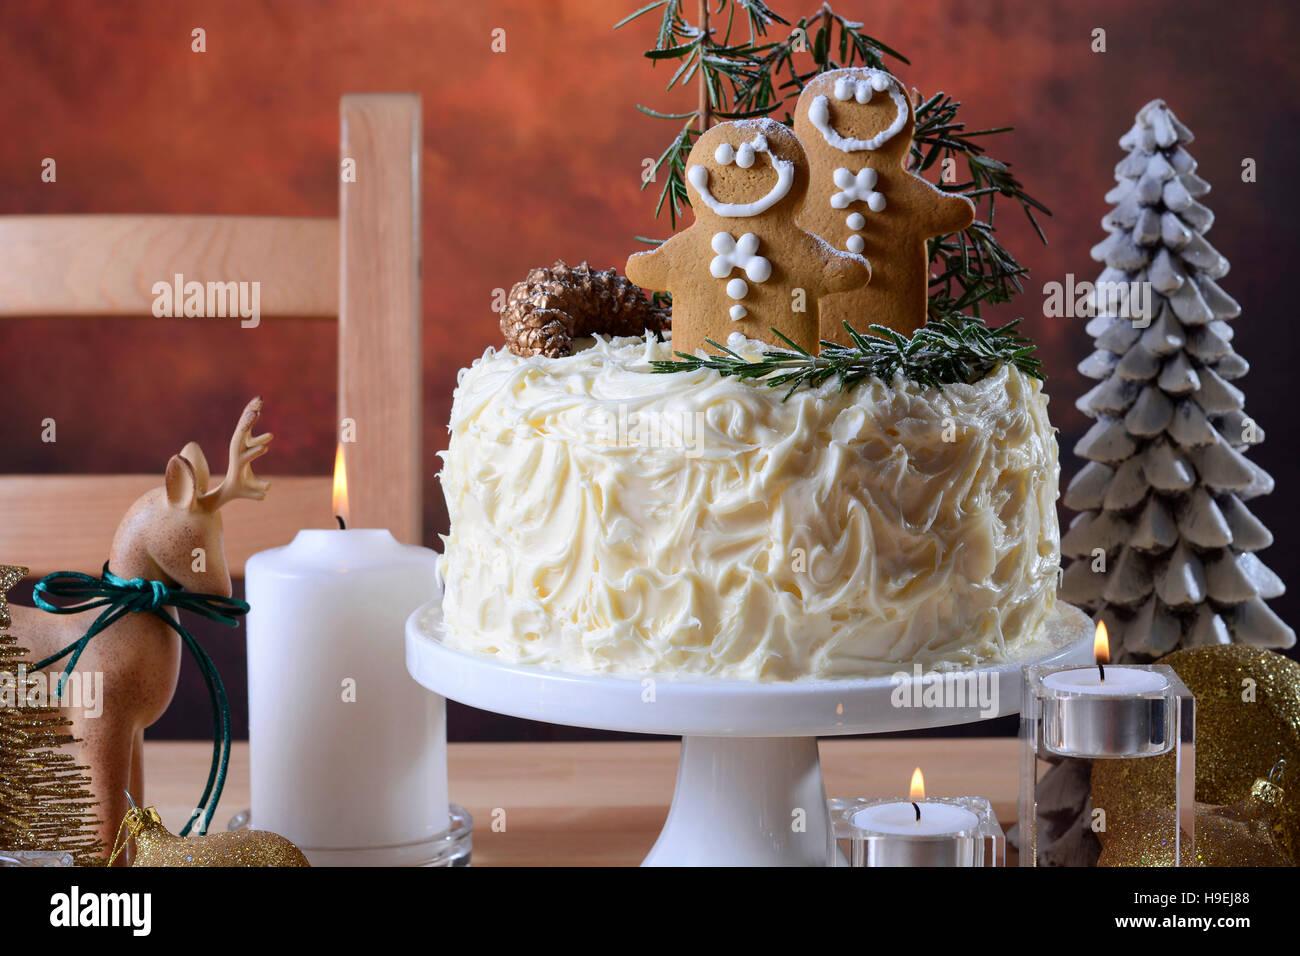 Gateau De Fete De Noel.Centre De Table De Noël Fêtes Showstopper Gâteau Au Chocolat